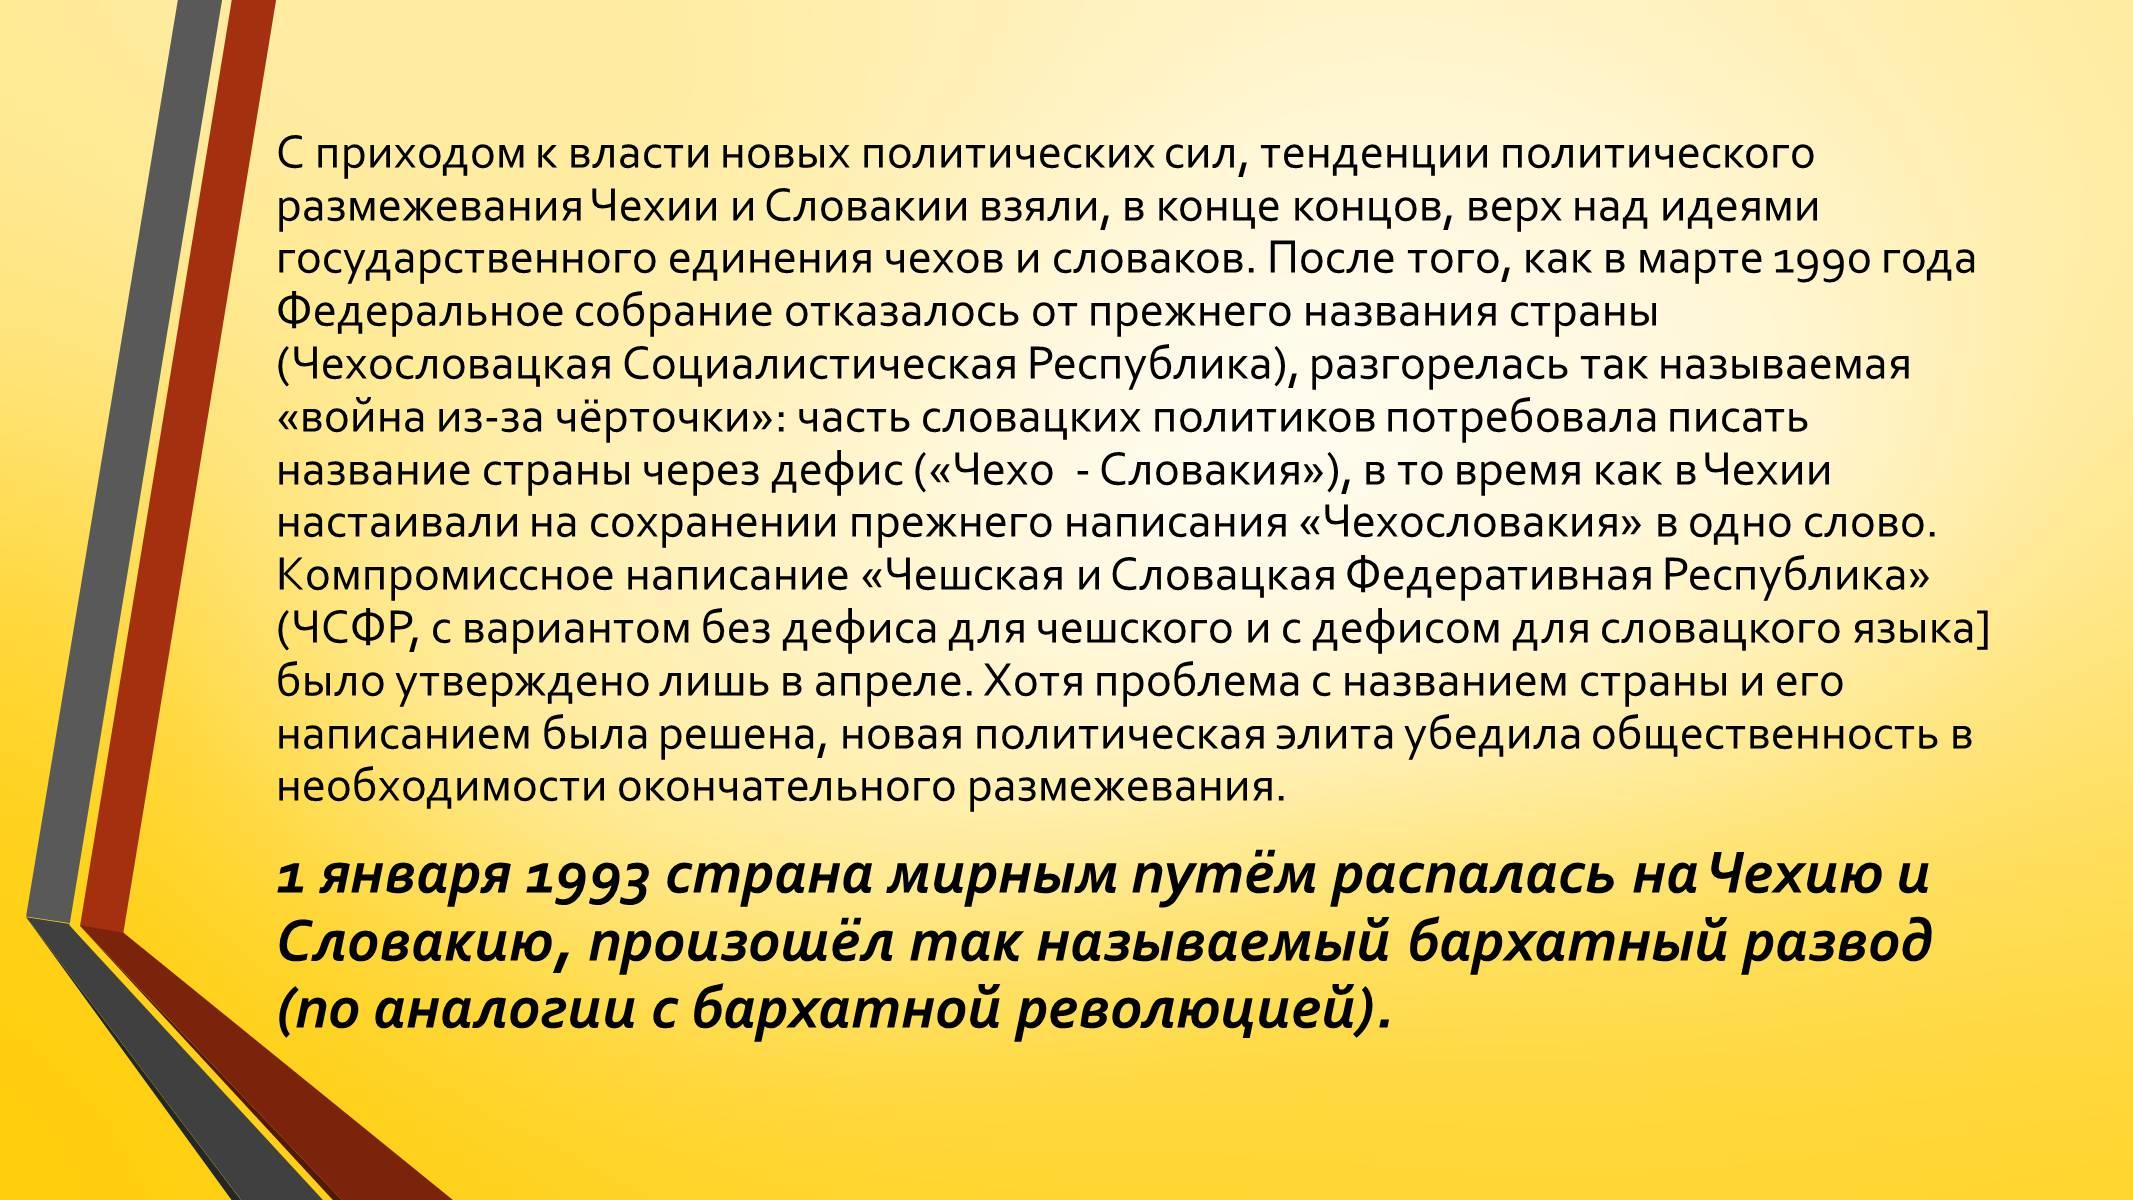 Сотрудничество украины и словакии внешняя политика